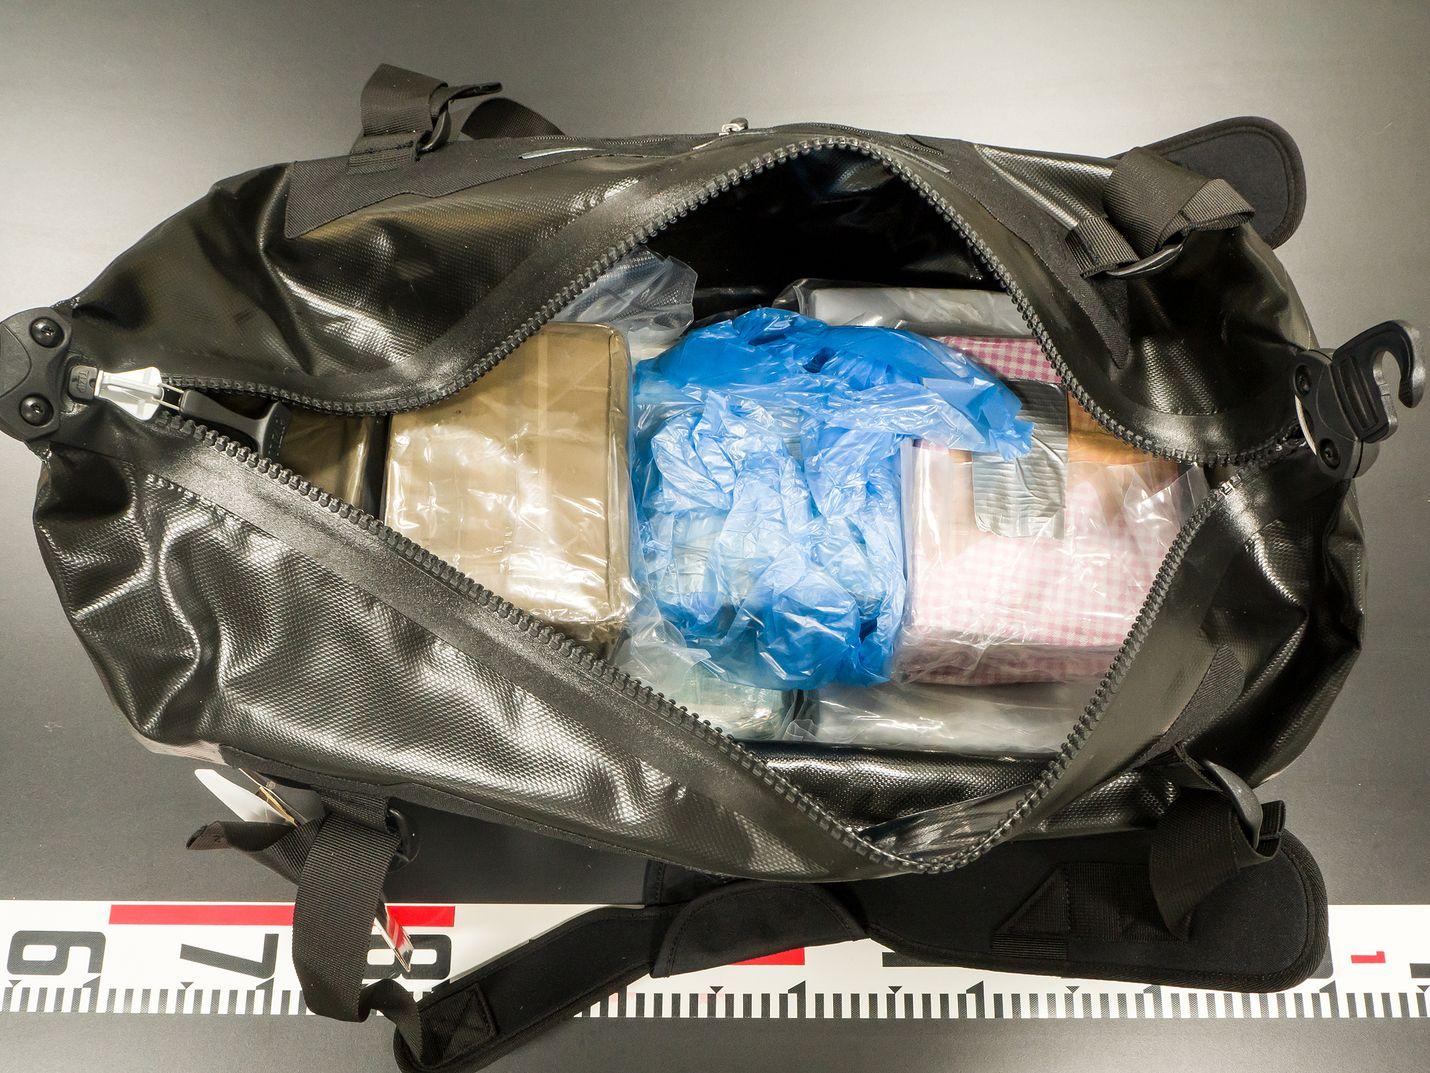 Poliisin jutun yhteydessä takavarikoimia huumeita.